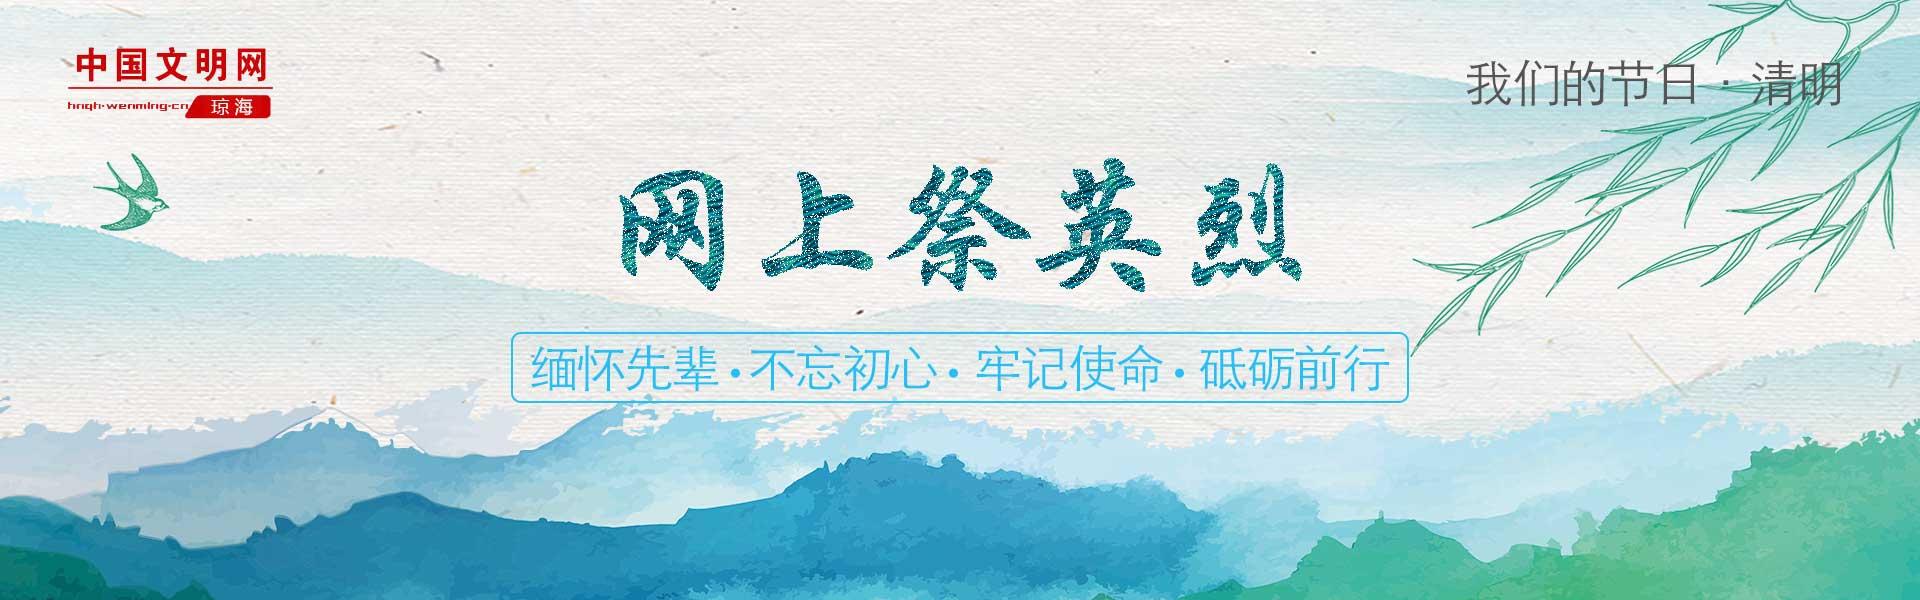 我们的节日·清明|网络祭扫活动——琼海文明网特别专题